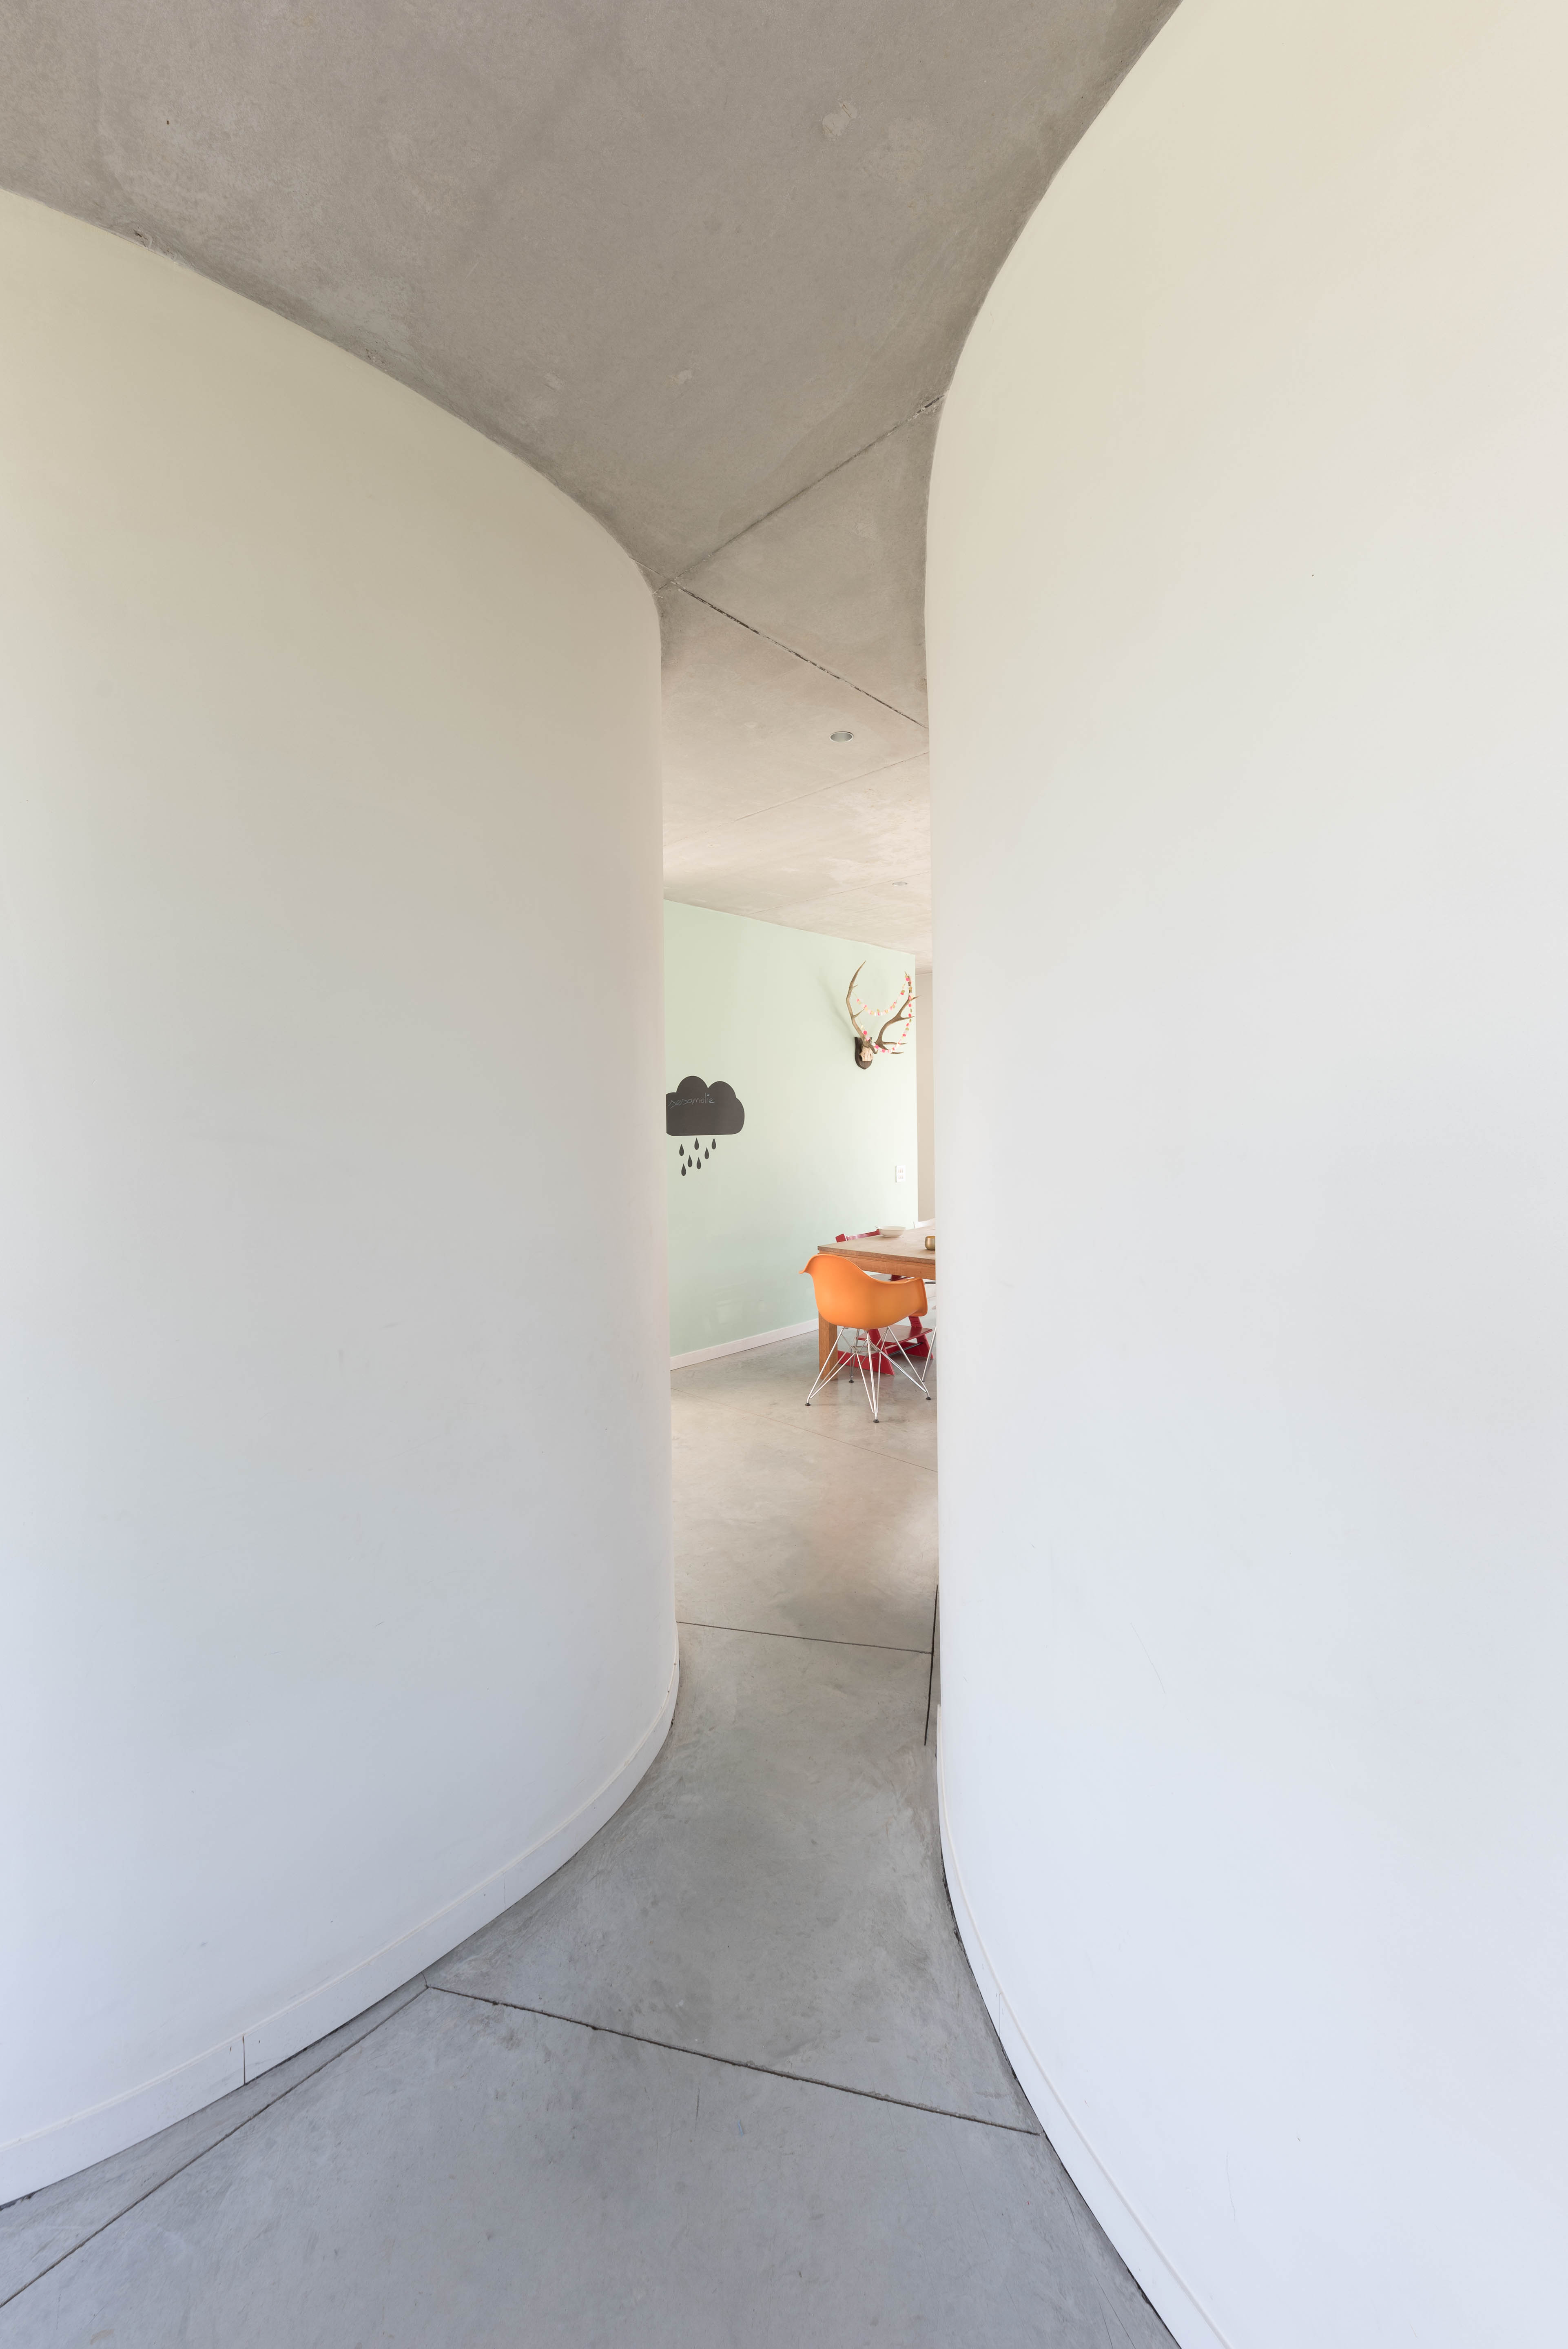 architectuur 08